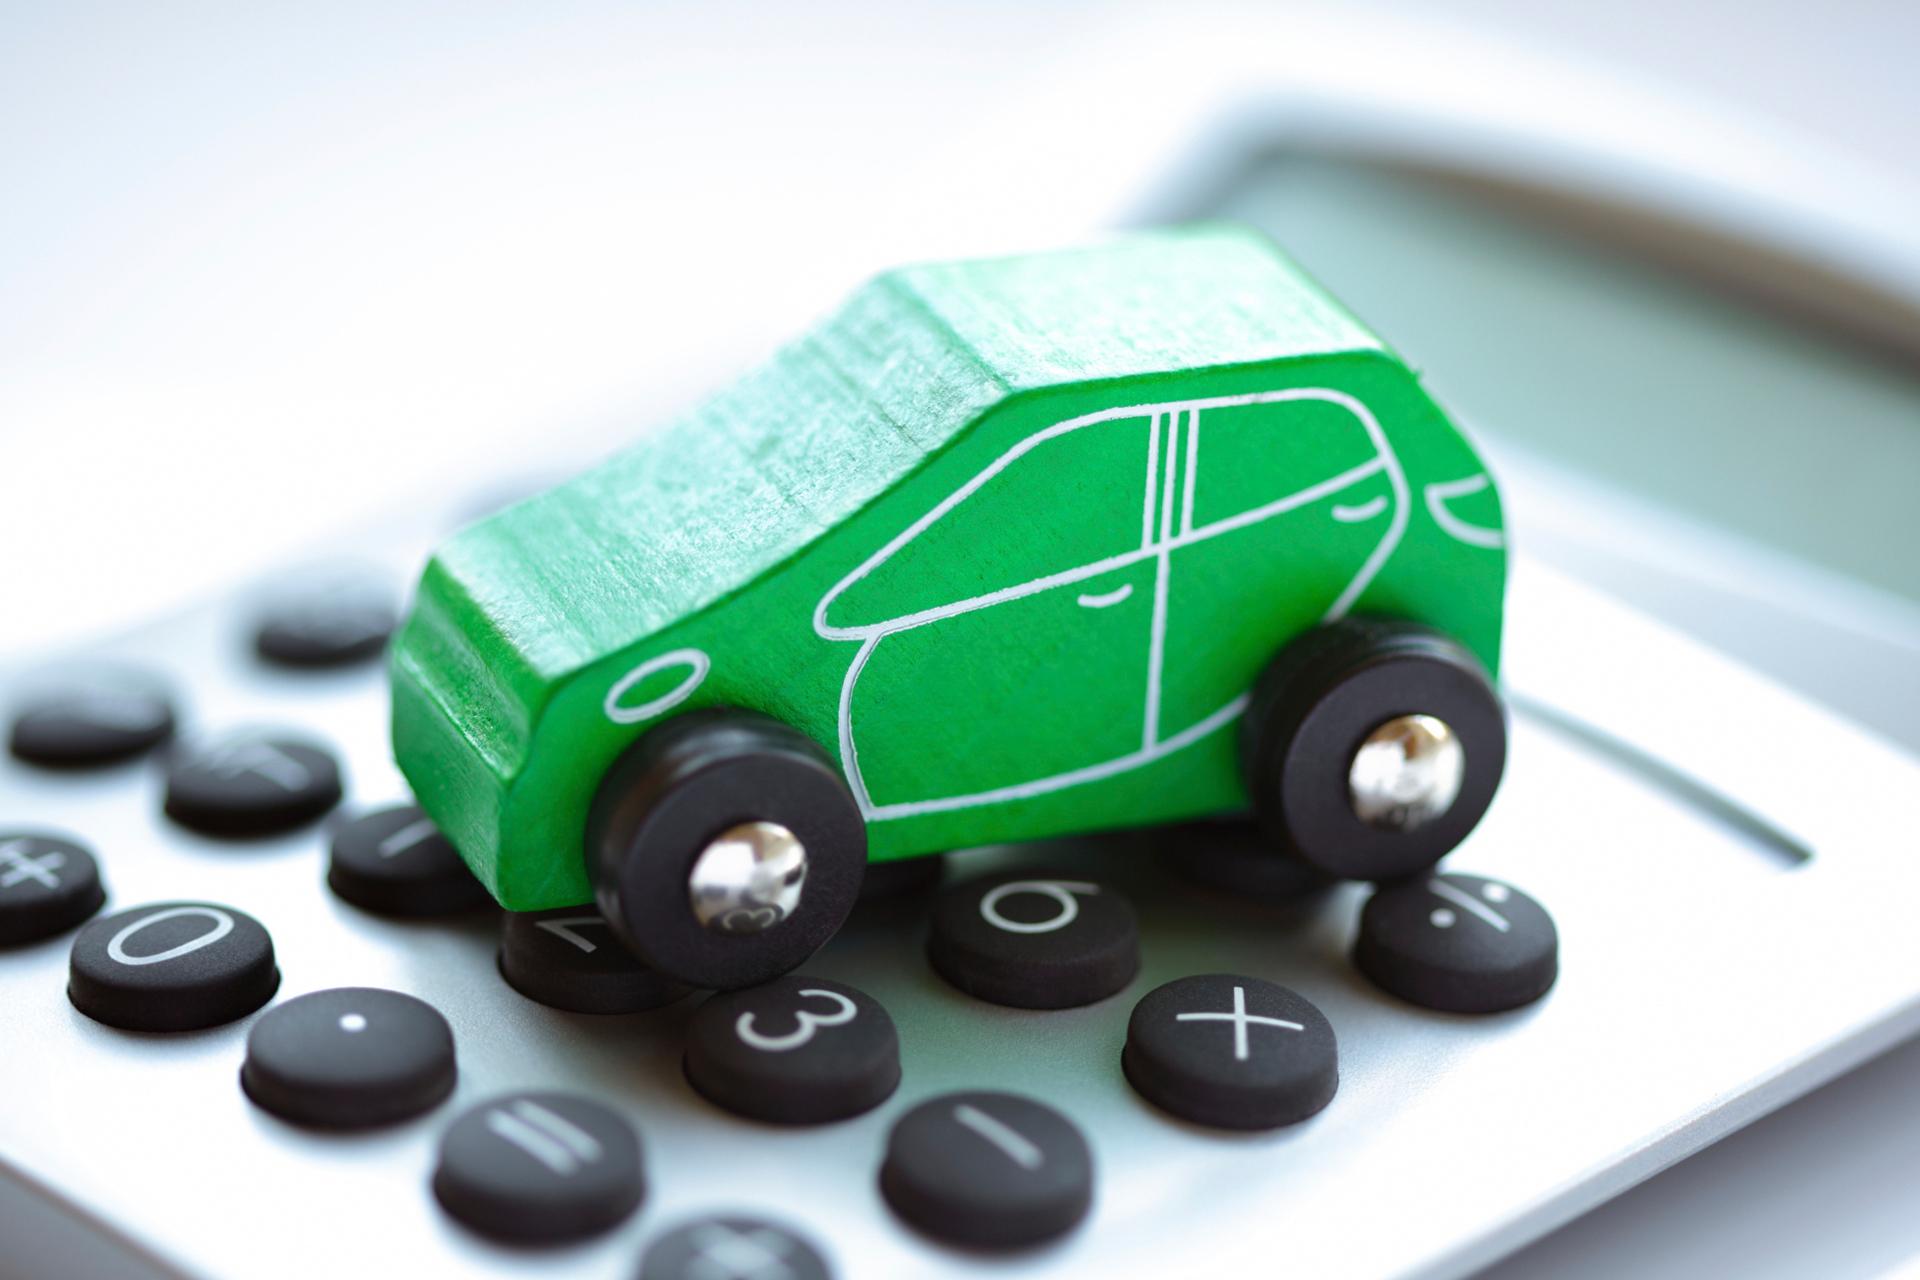 было Транспортный налог на проданное авто тогда, видимо